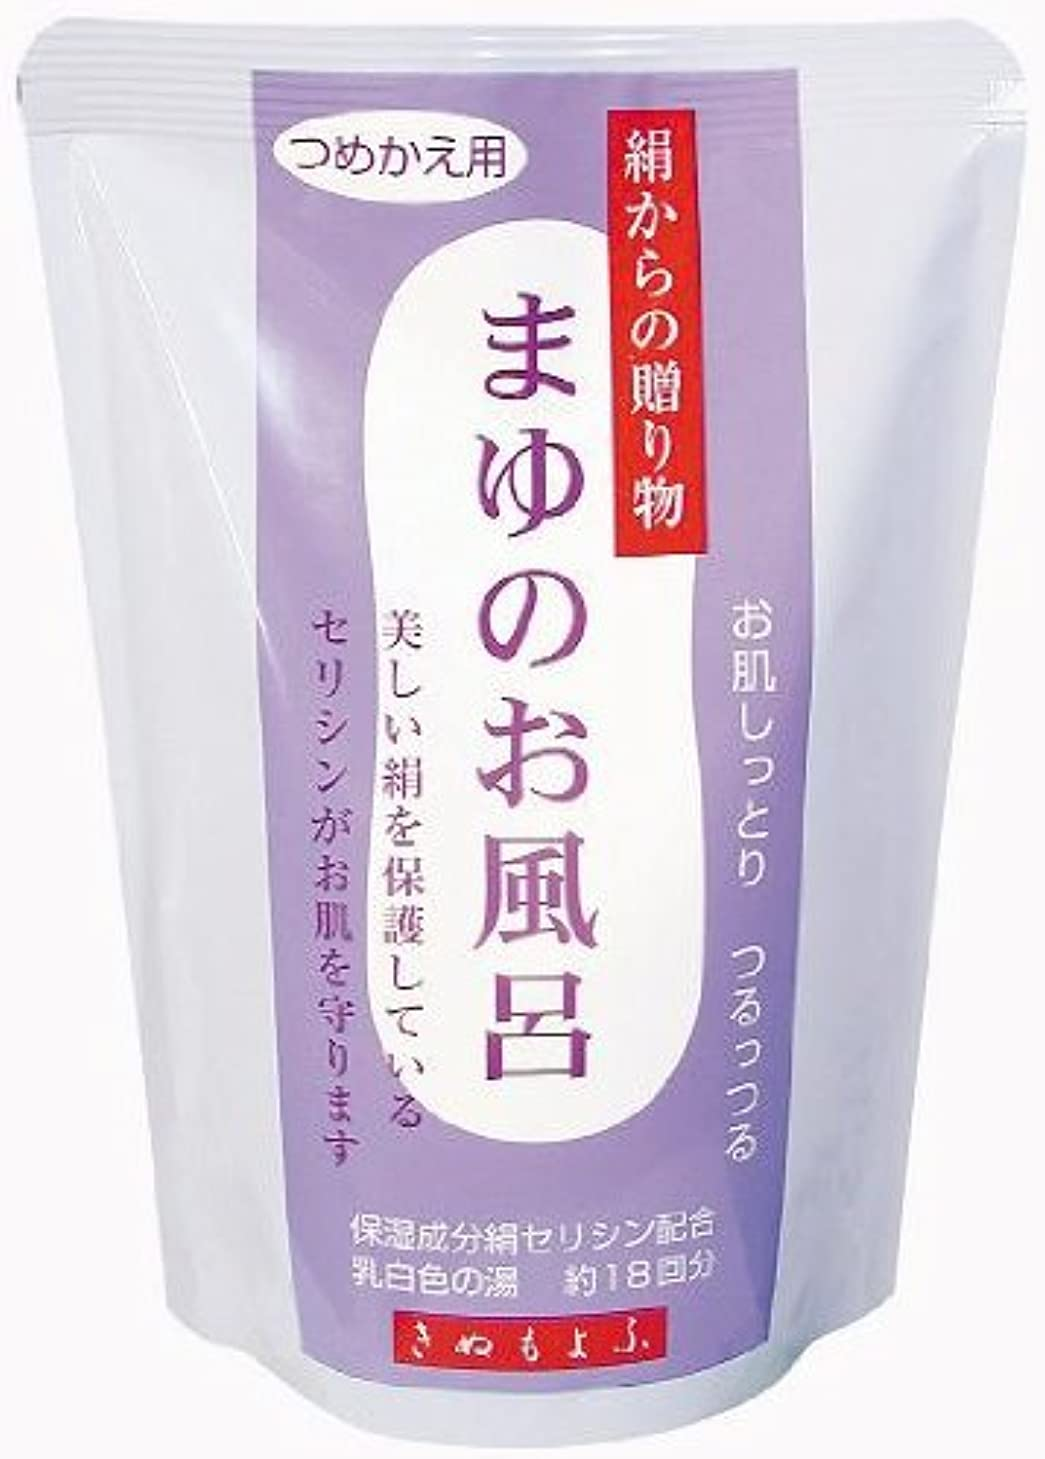 一緒にあまりにも分析的まゆシリーズ きぬもよふ まゆのお風呂詰替 浴用化粧料 450ml(約18回分)